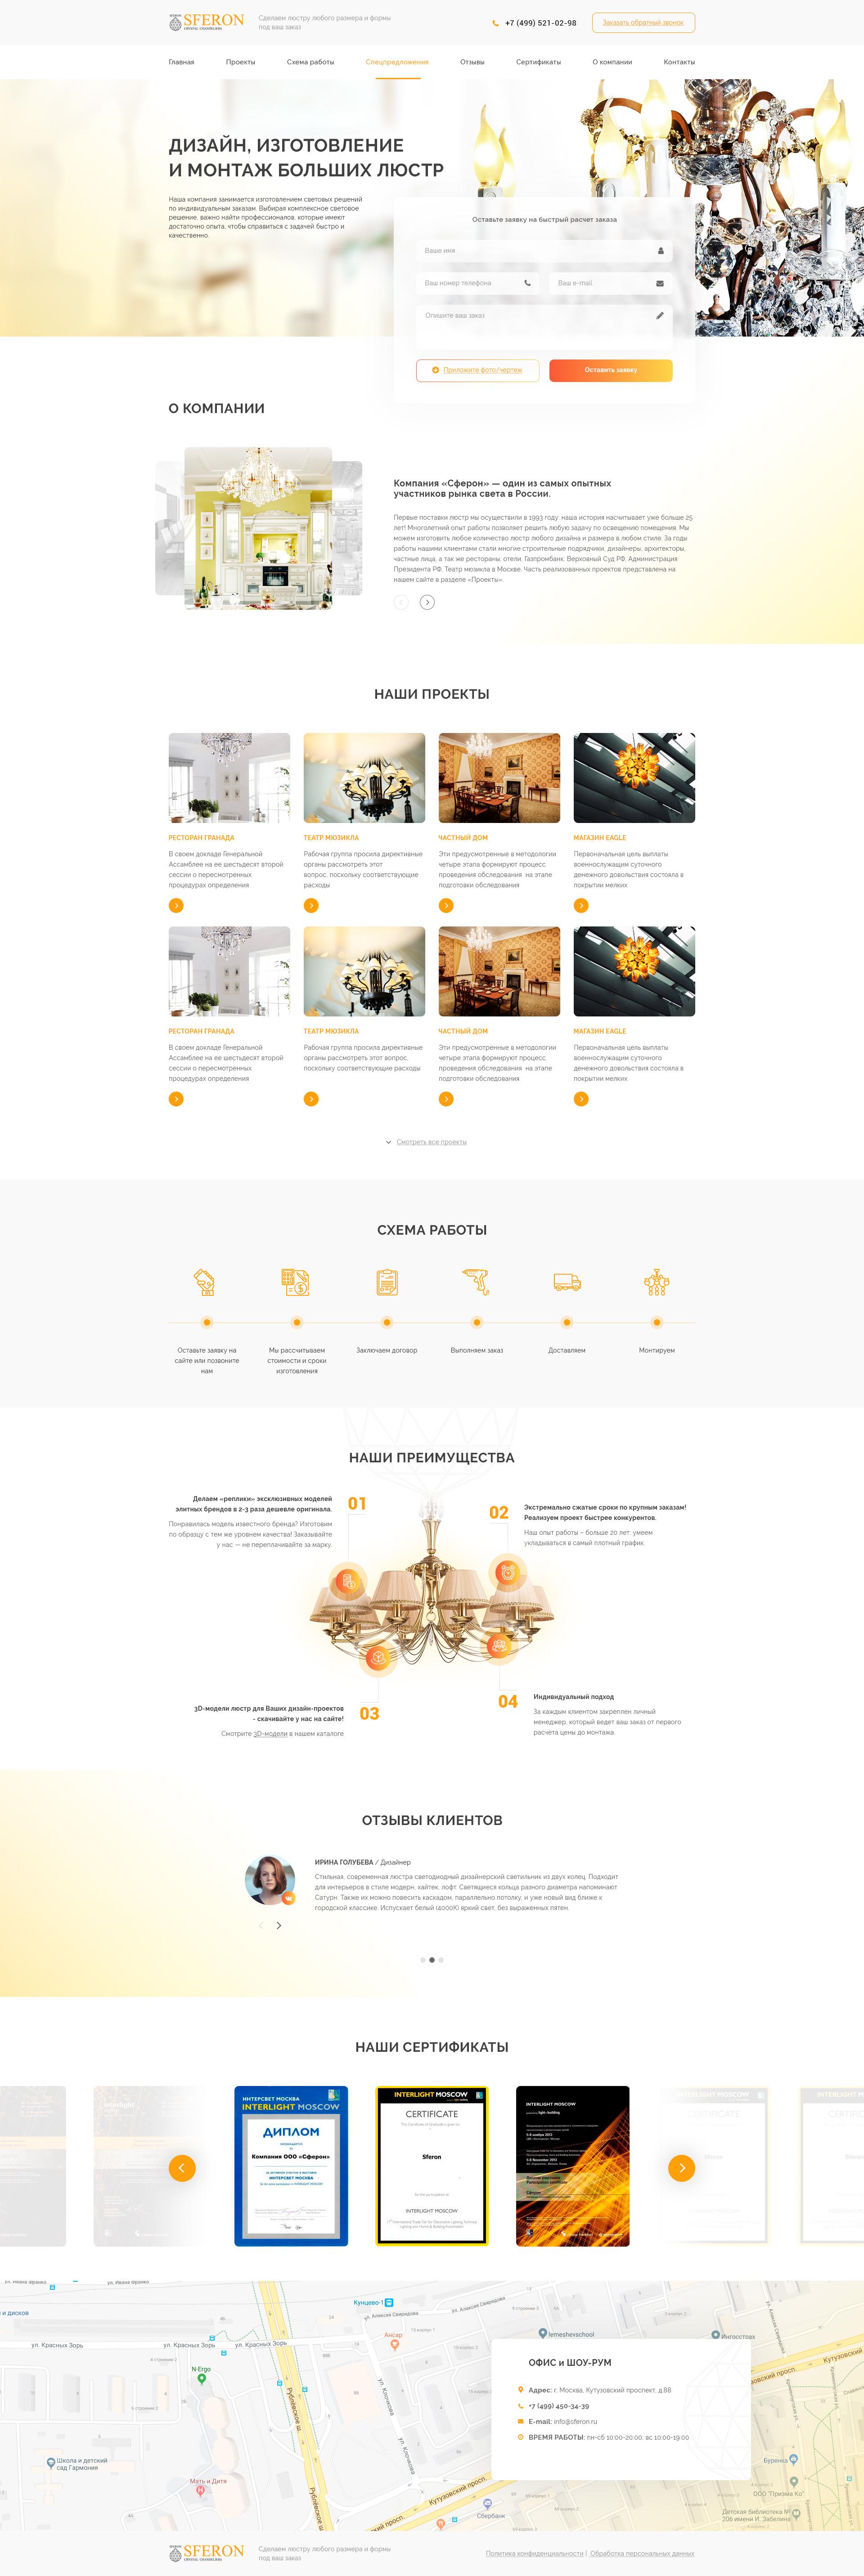 Переделать веб-сайт для sferon.ru фото f_2225b3f5945b5d52.jpg